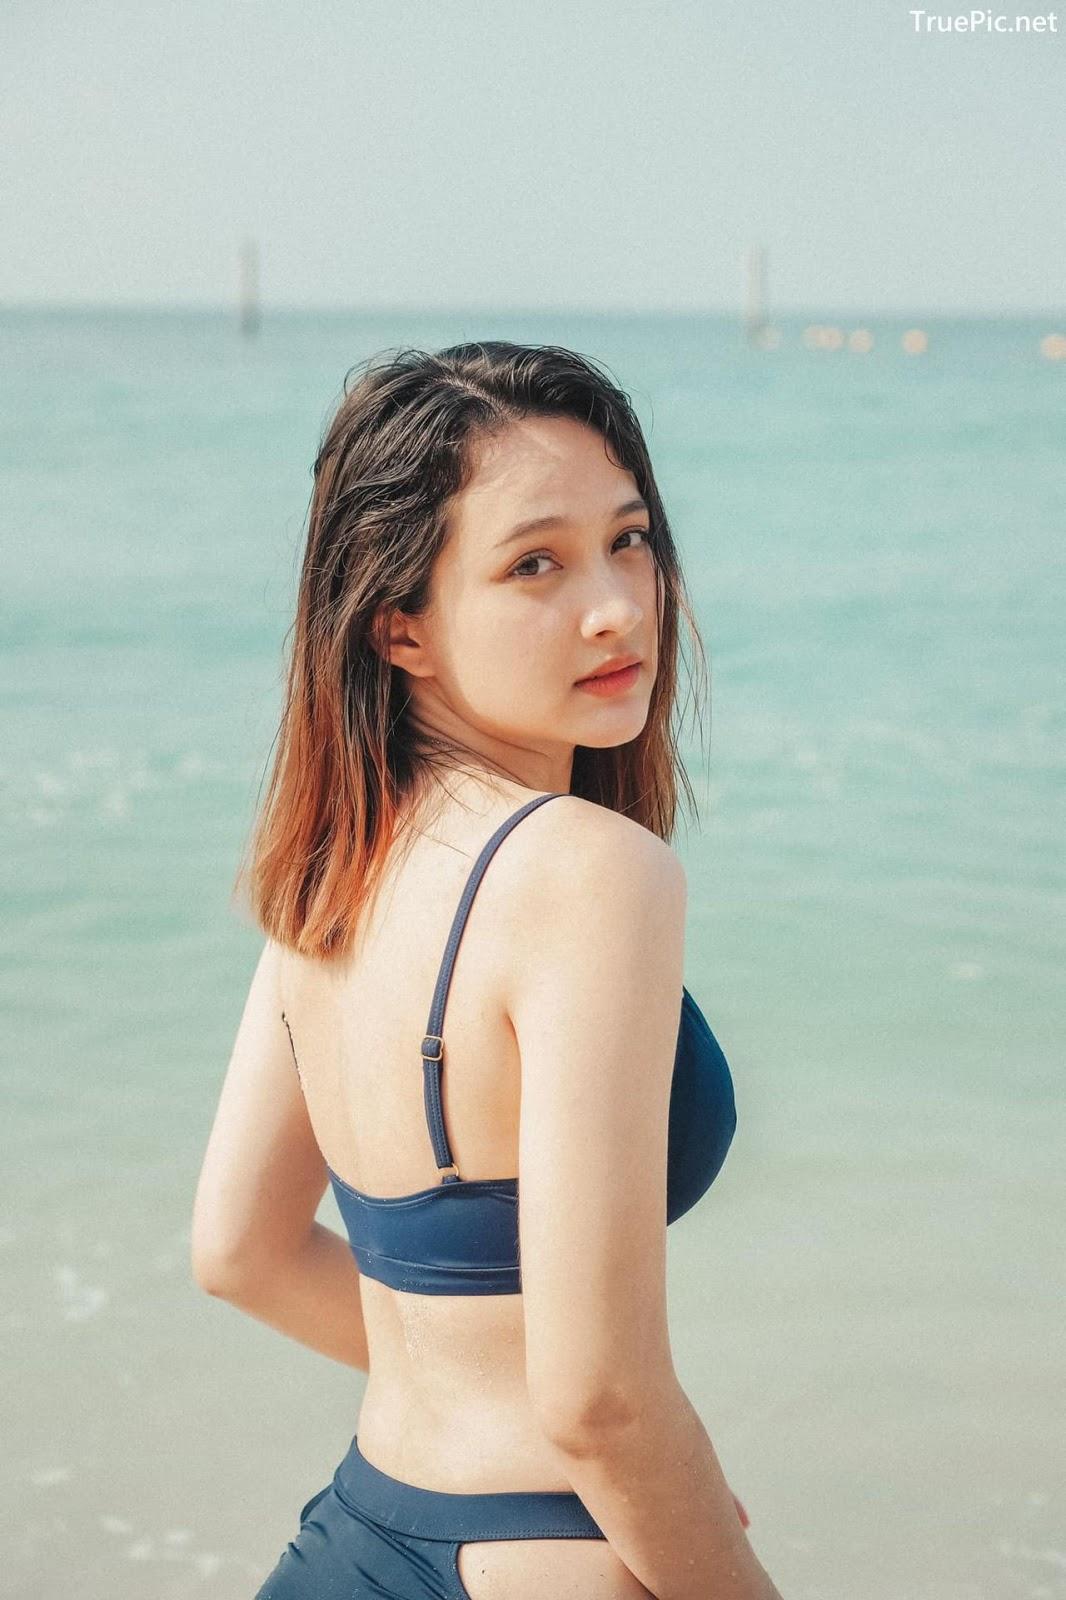 Image Thailand Model - Catherina Nybraaten - Dark Blue Bikini - TruePic.net - Picture-6